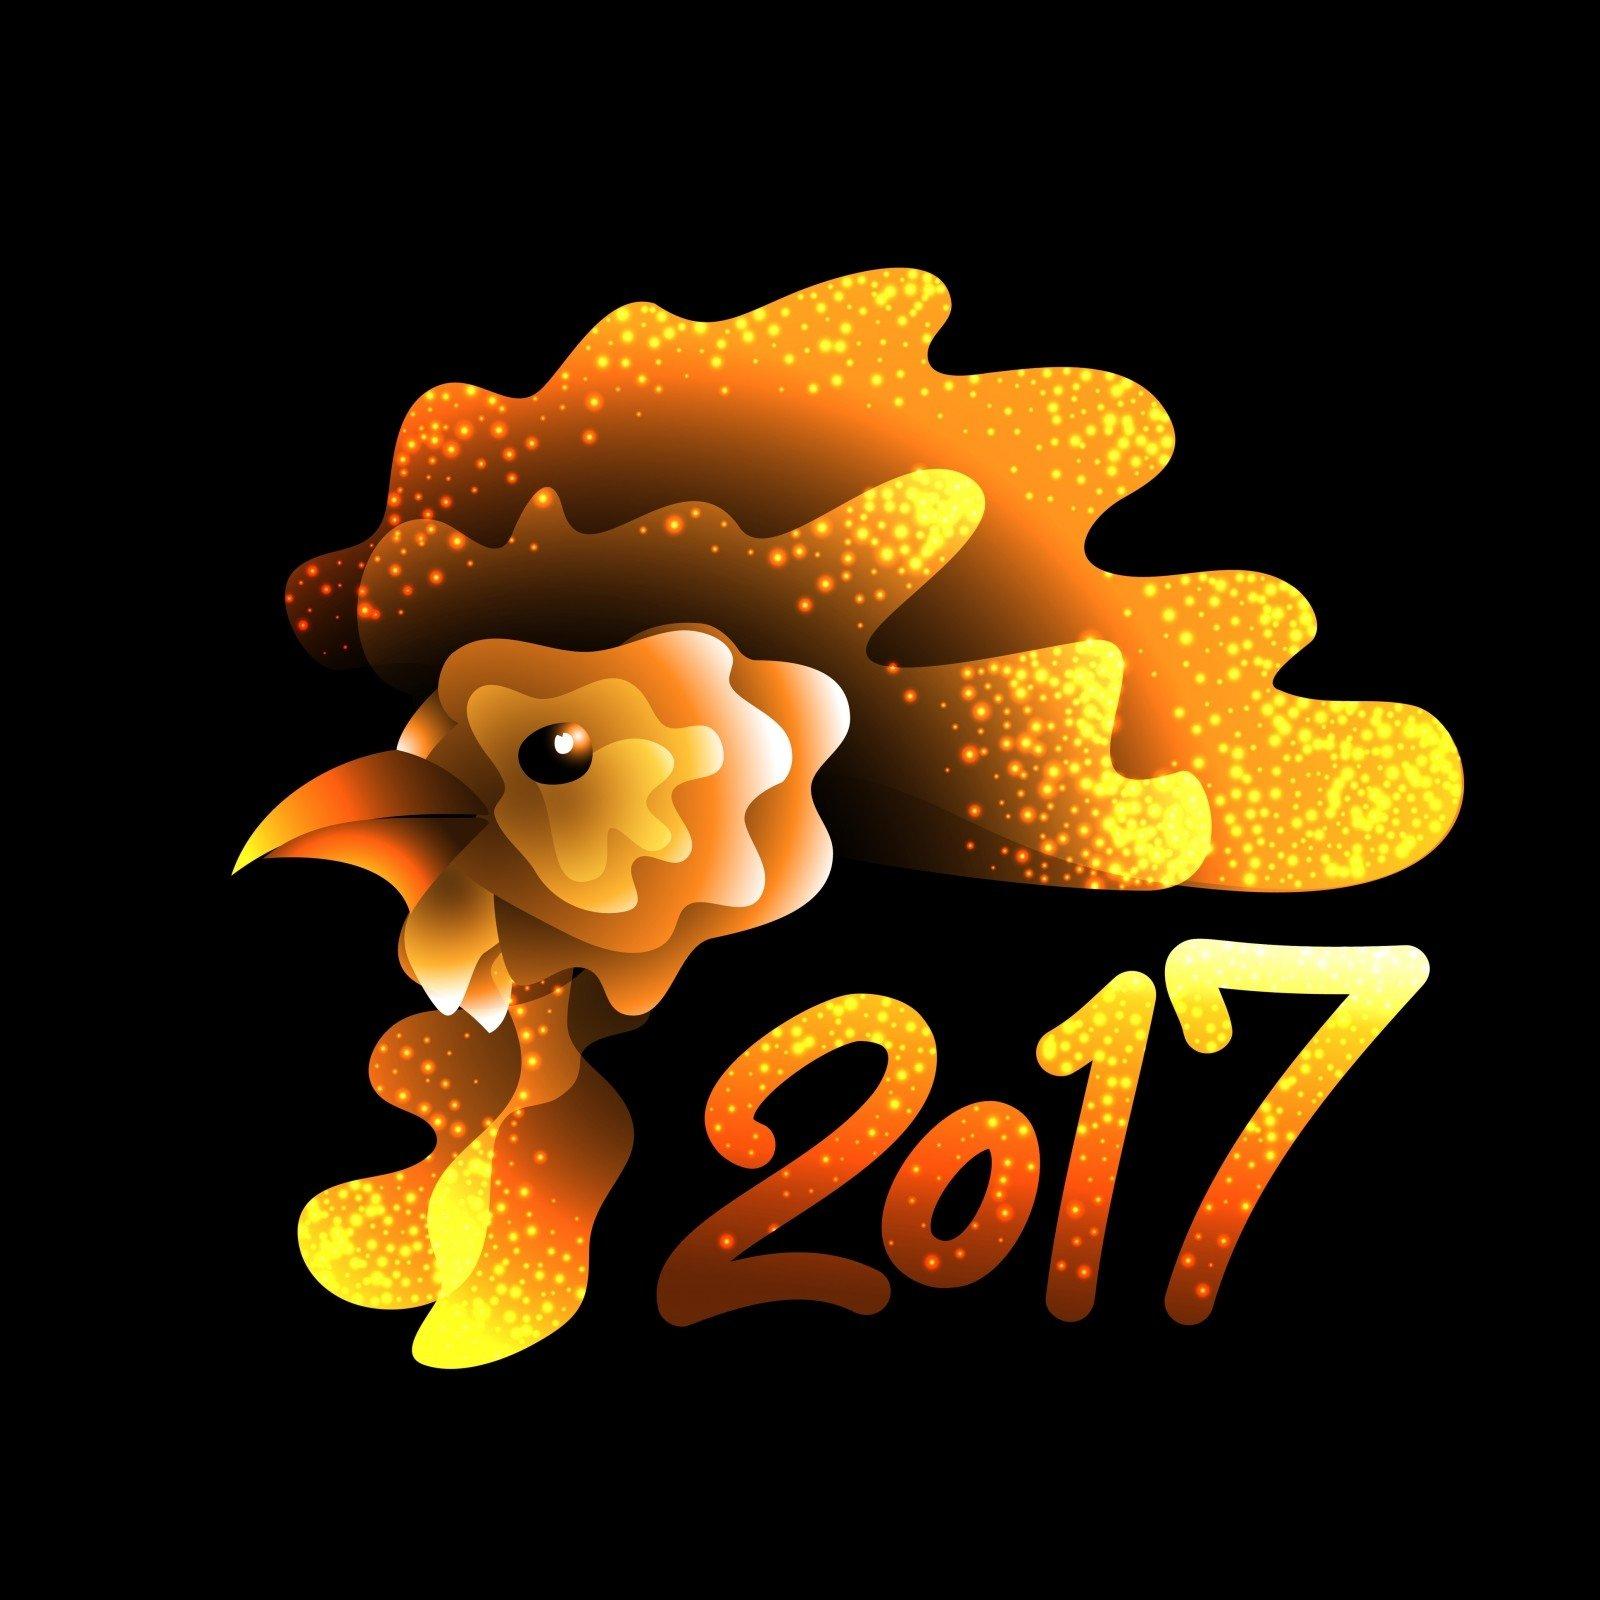 Gaidžio metai 2017 spalva